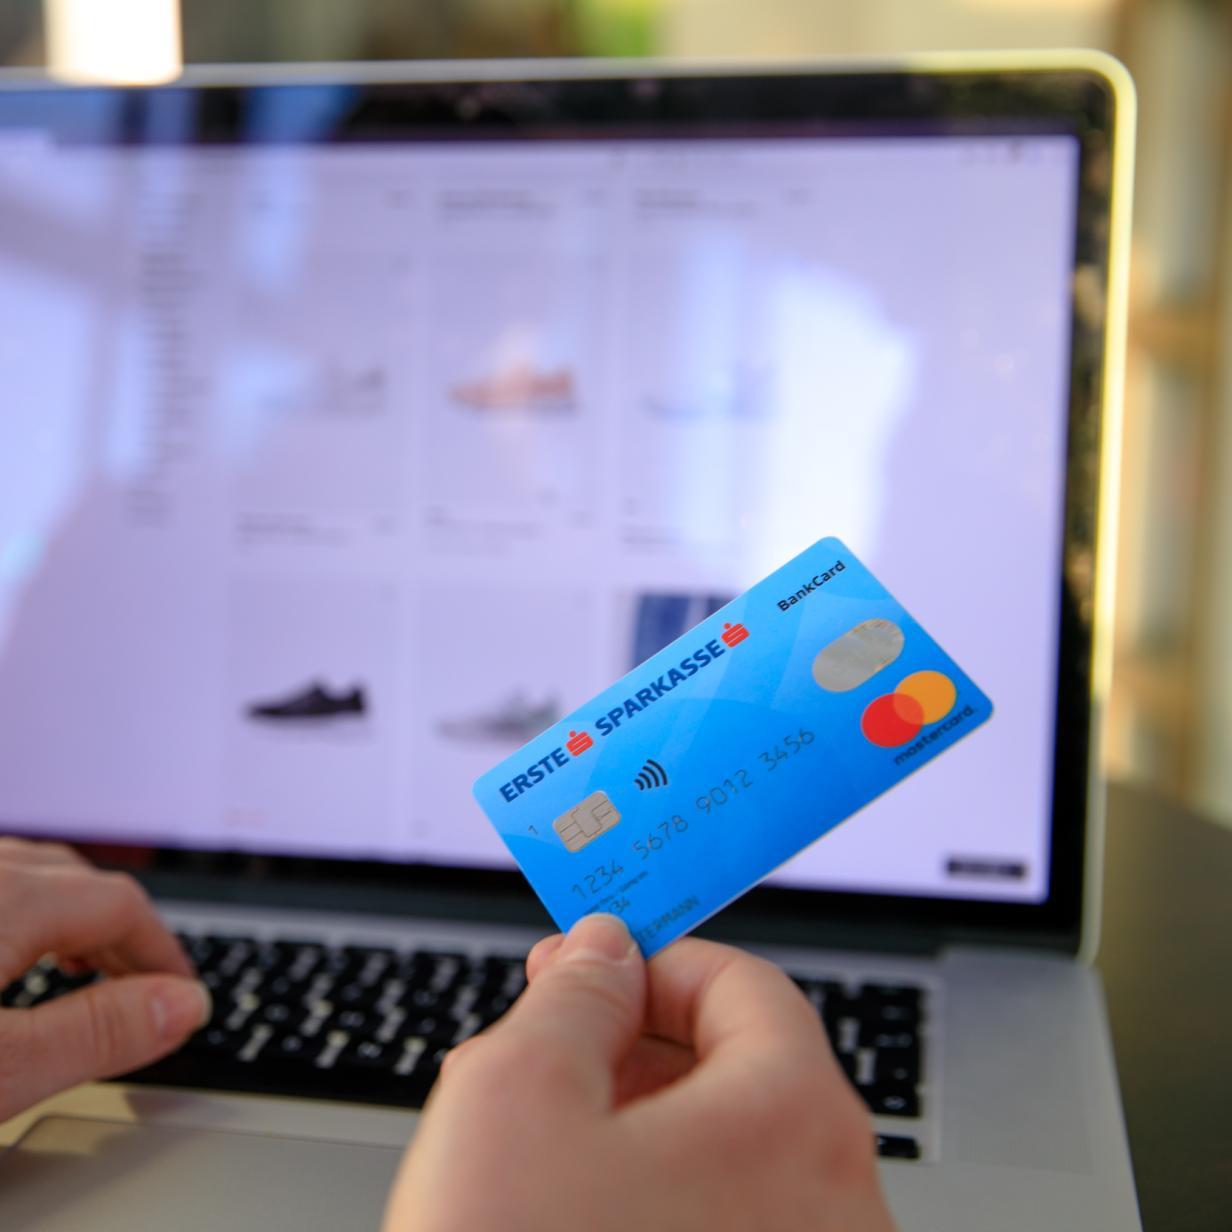 Sparkasse Ec Karte Ausland.Aus Fur Maestro Bankomatkarte Erste Bank Bringt Neue Debit